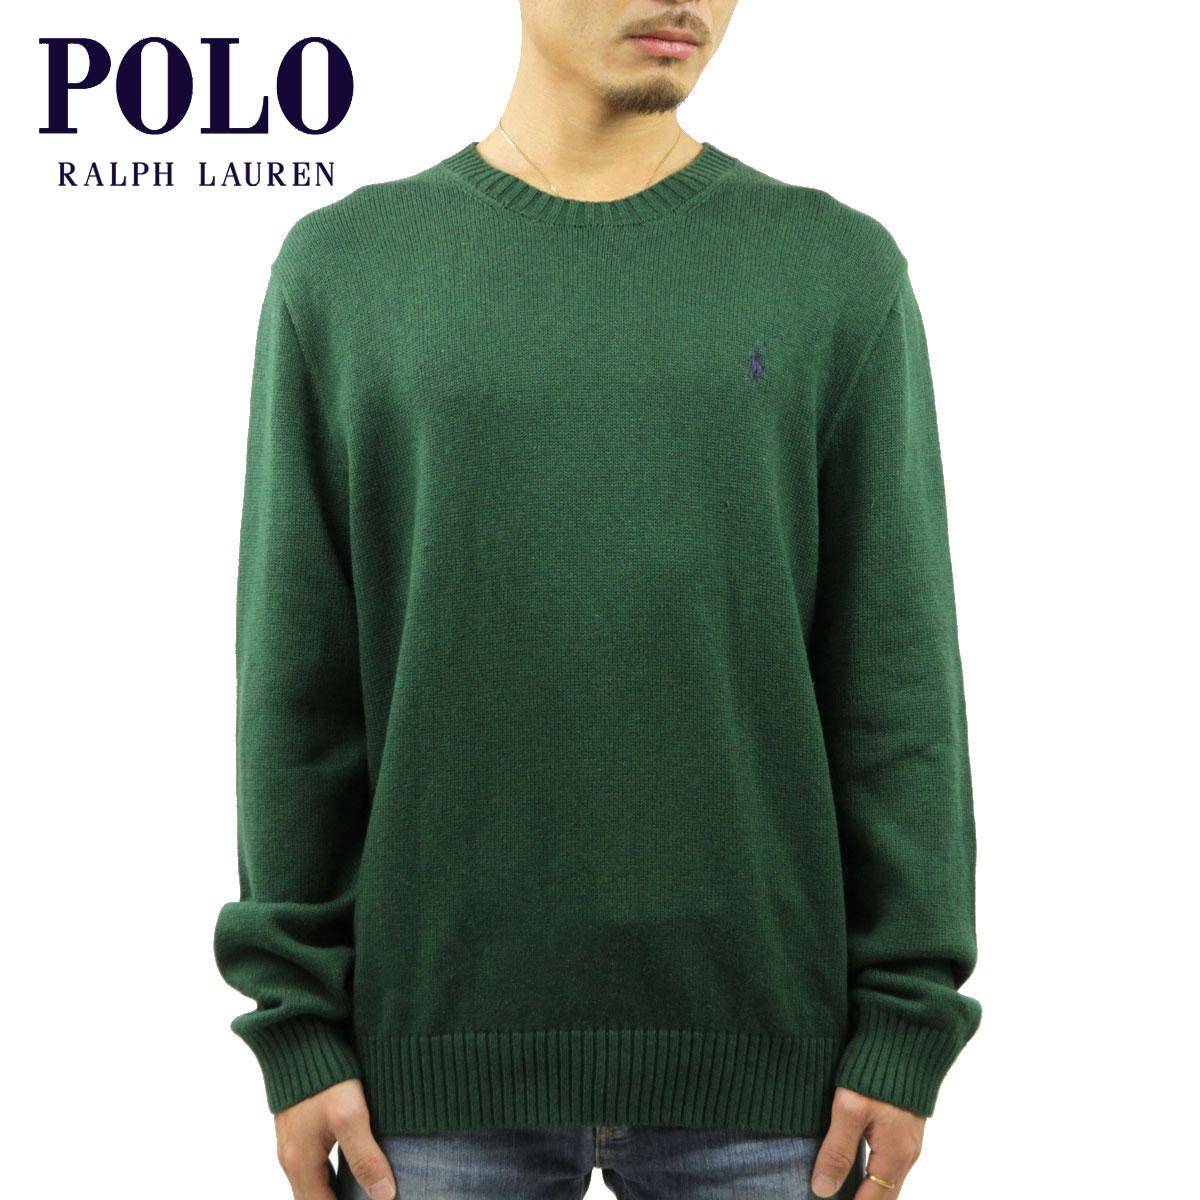 ポロ ラルフローレン POLO RALPH LAUREN 正規品 メンズ セーター COTTON CREW SWEATER GREEN D00S20